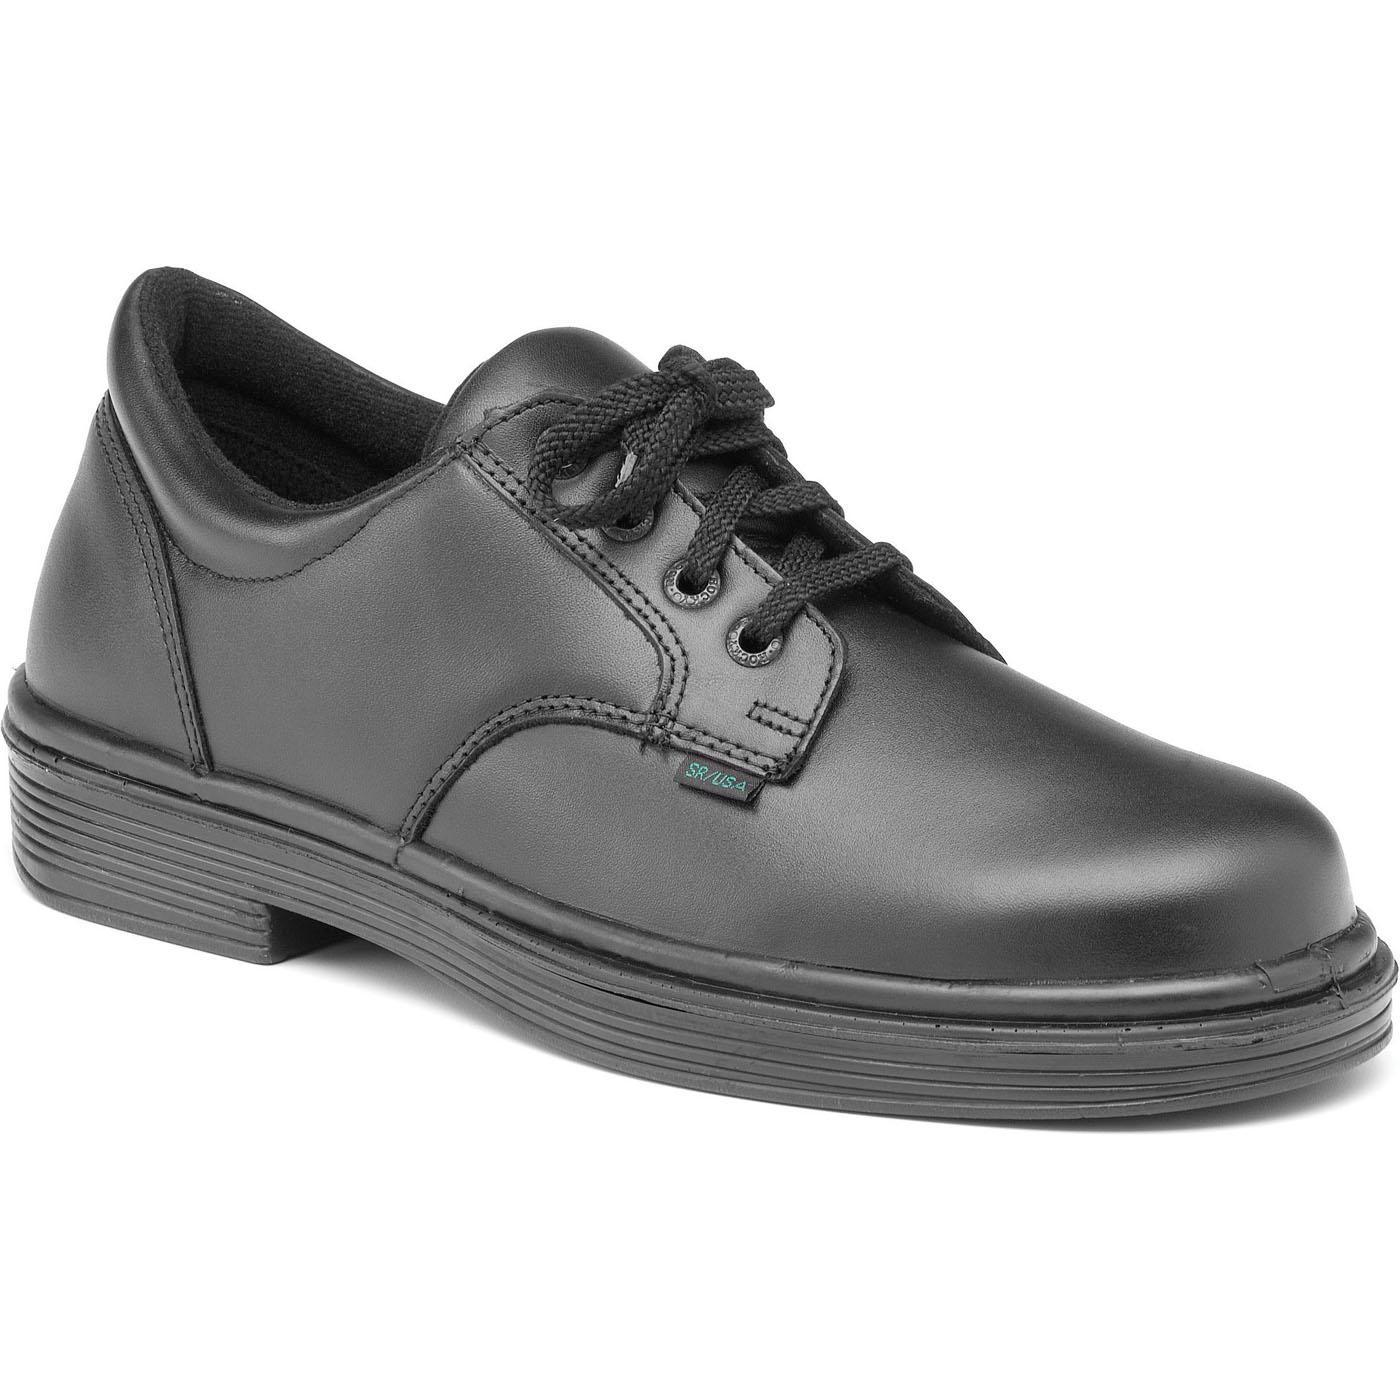 Rocky Walker Plain Toe Oxford Duty Shoe Fq0020251